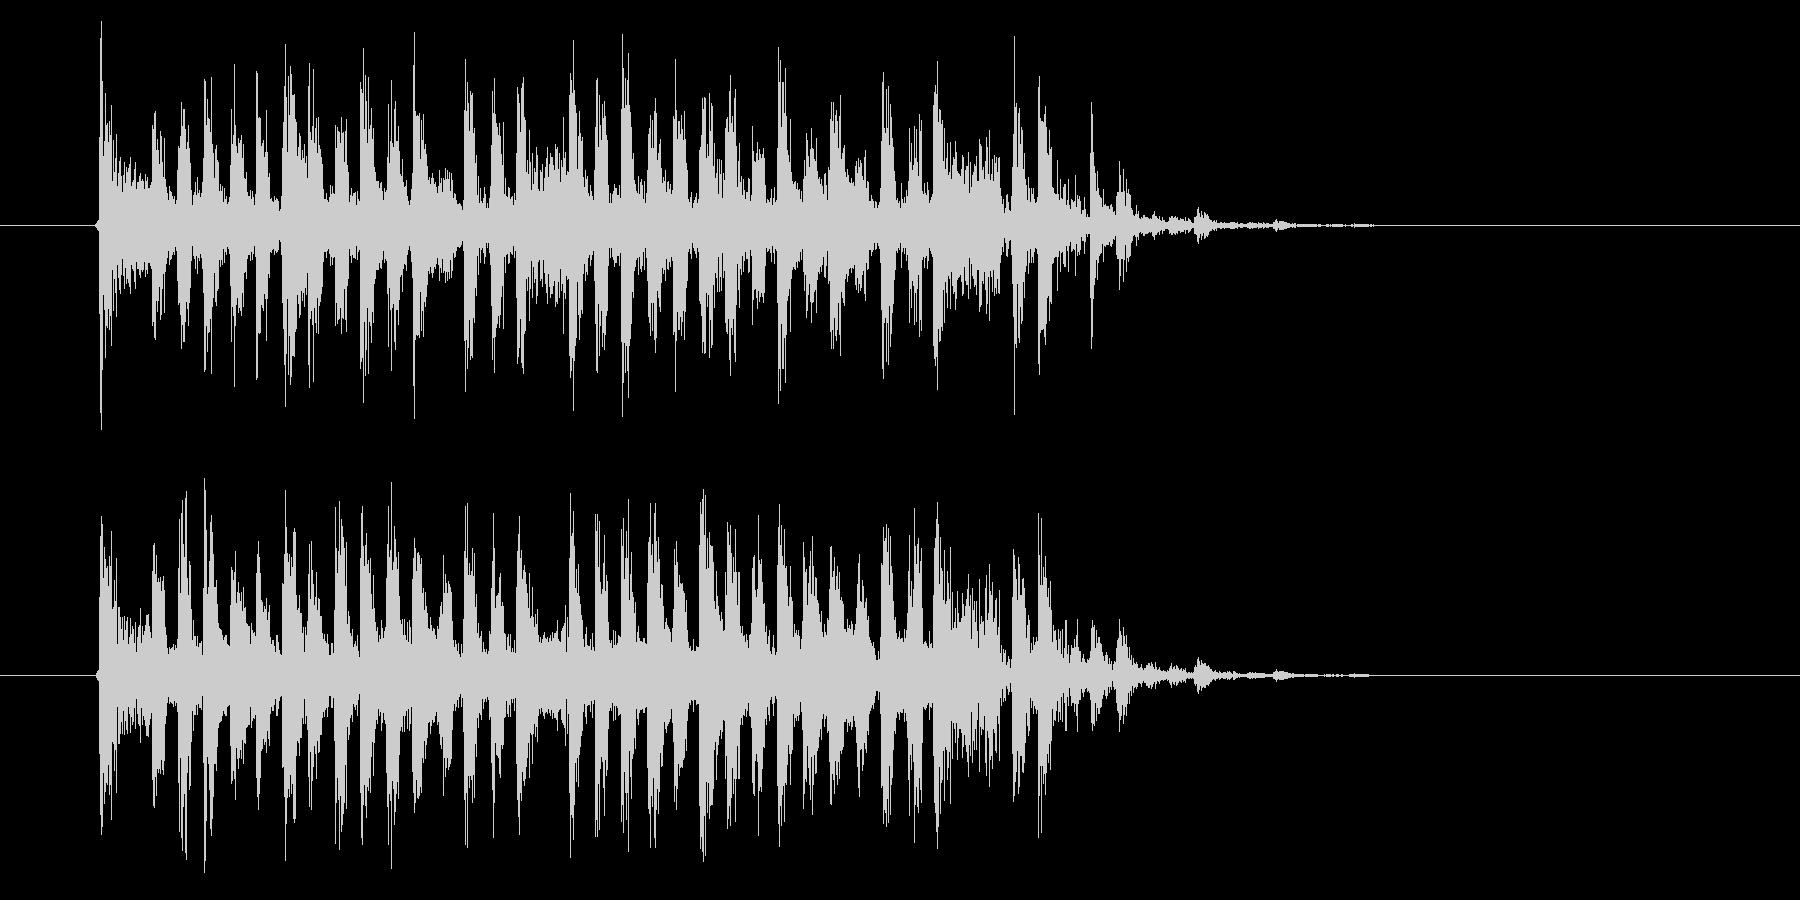 疾走感のある幻想的な音楽の未再生の波形